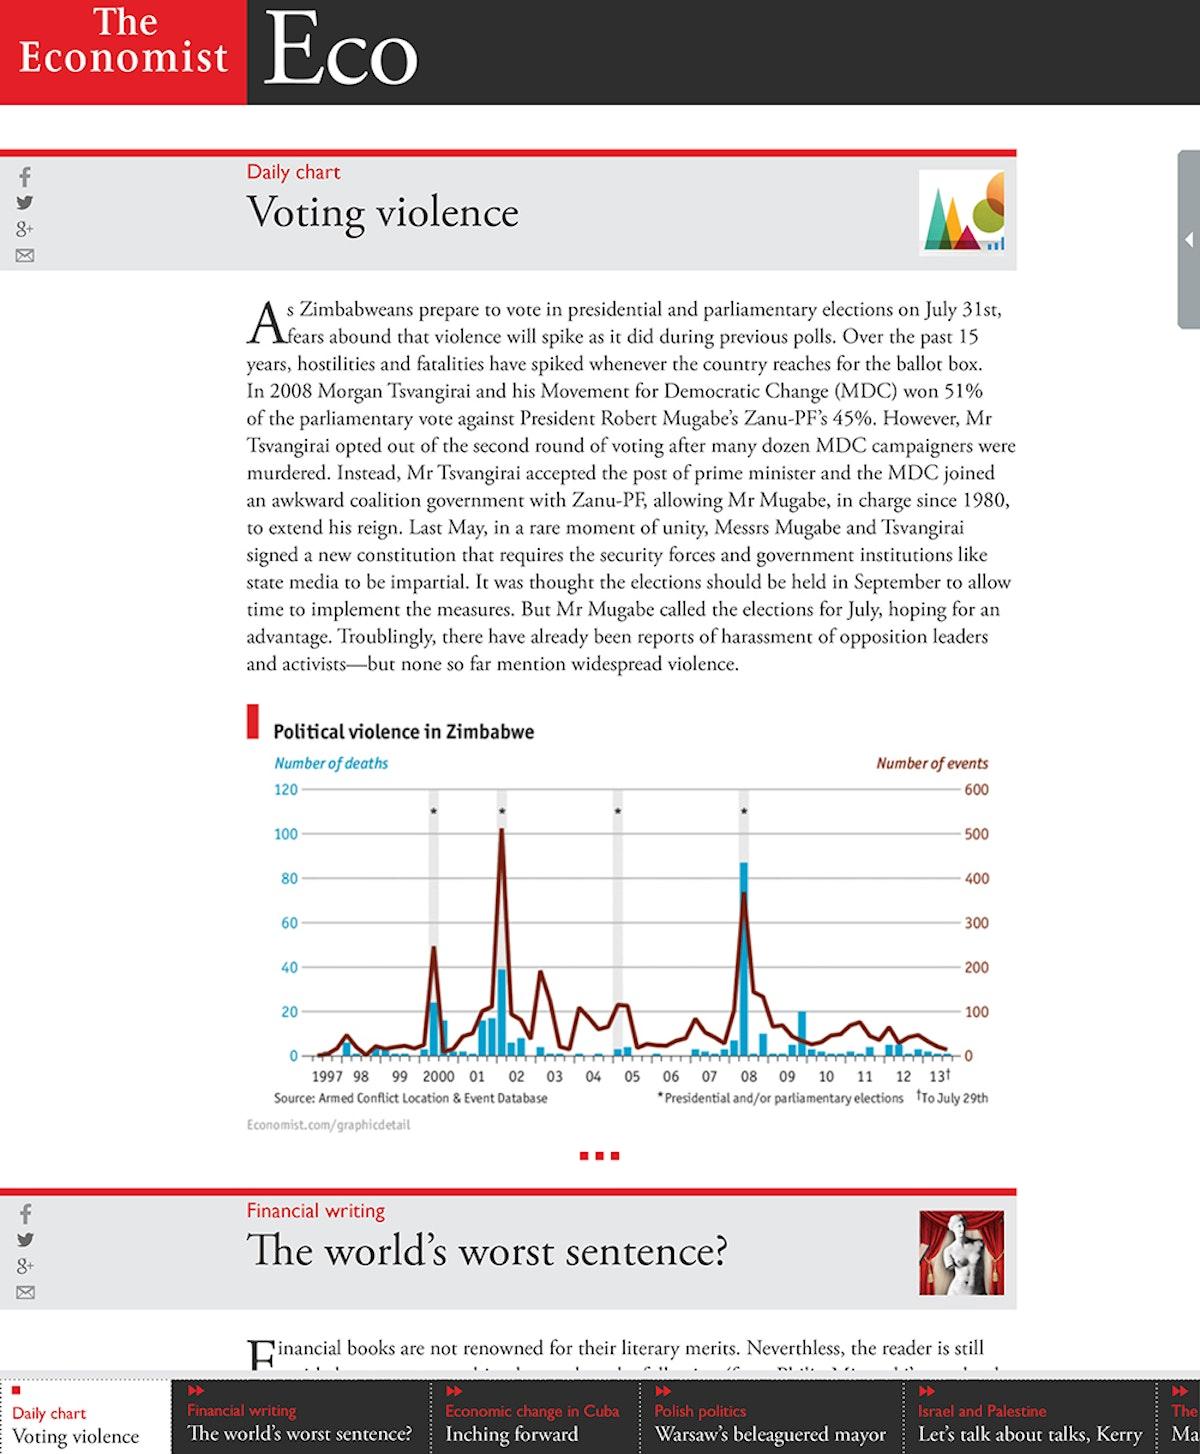 The Economist Eco